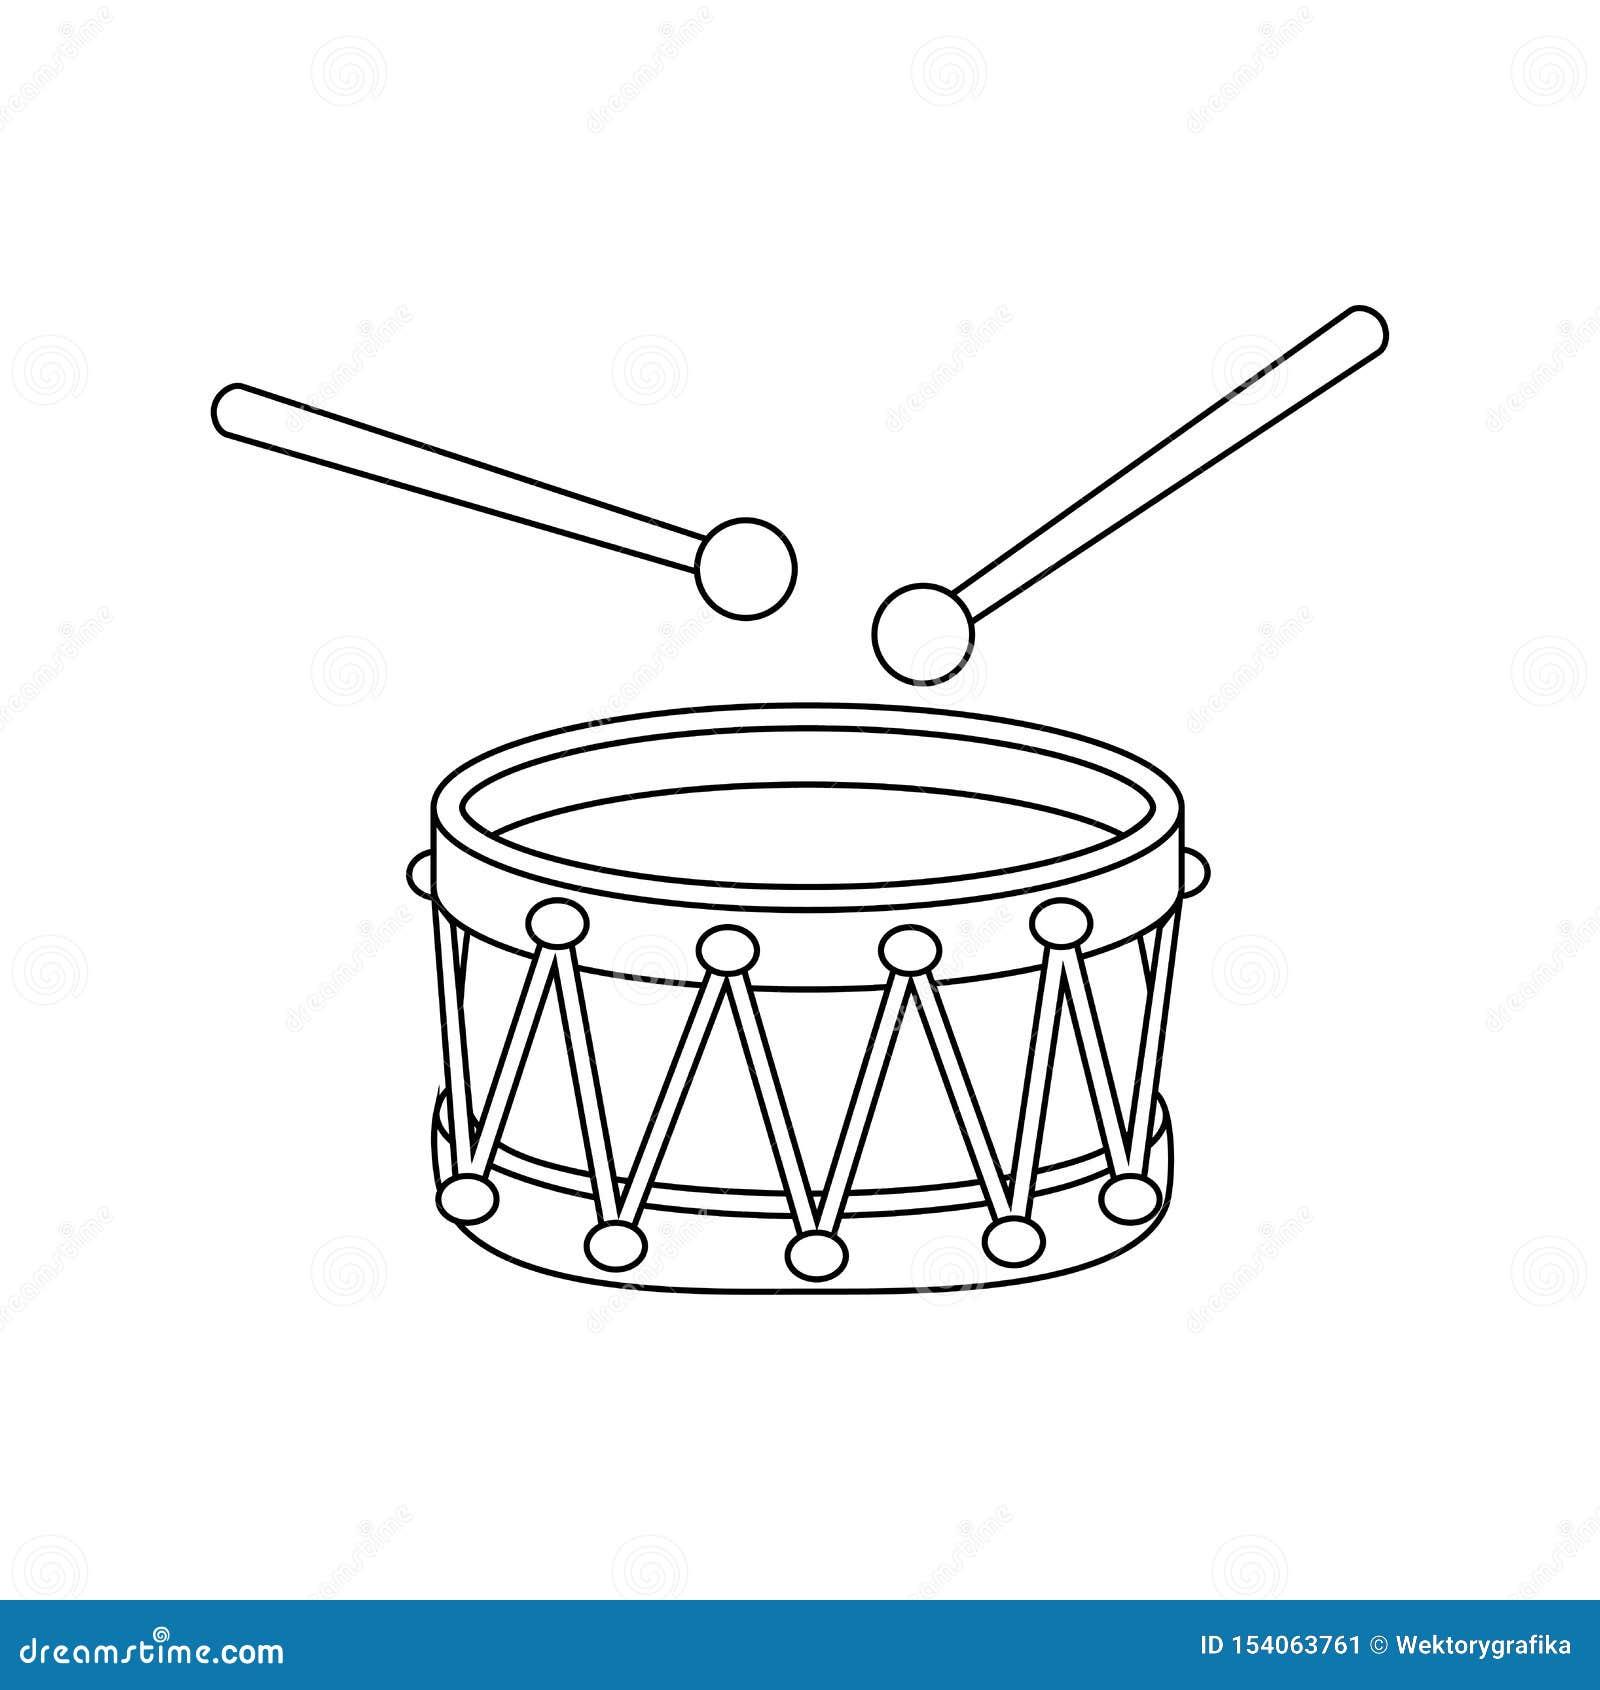 Projeto do símbolo do ícone dos desenhos animados do esboço do cilindro isolado no fundo branco